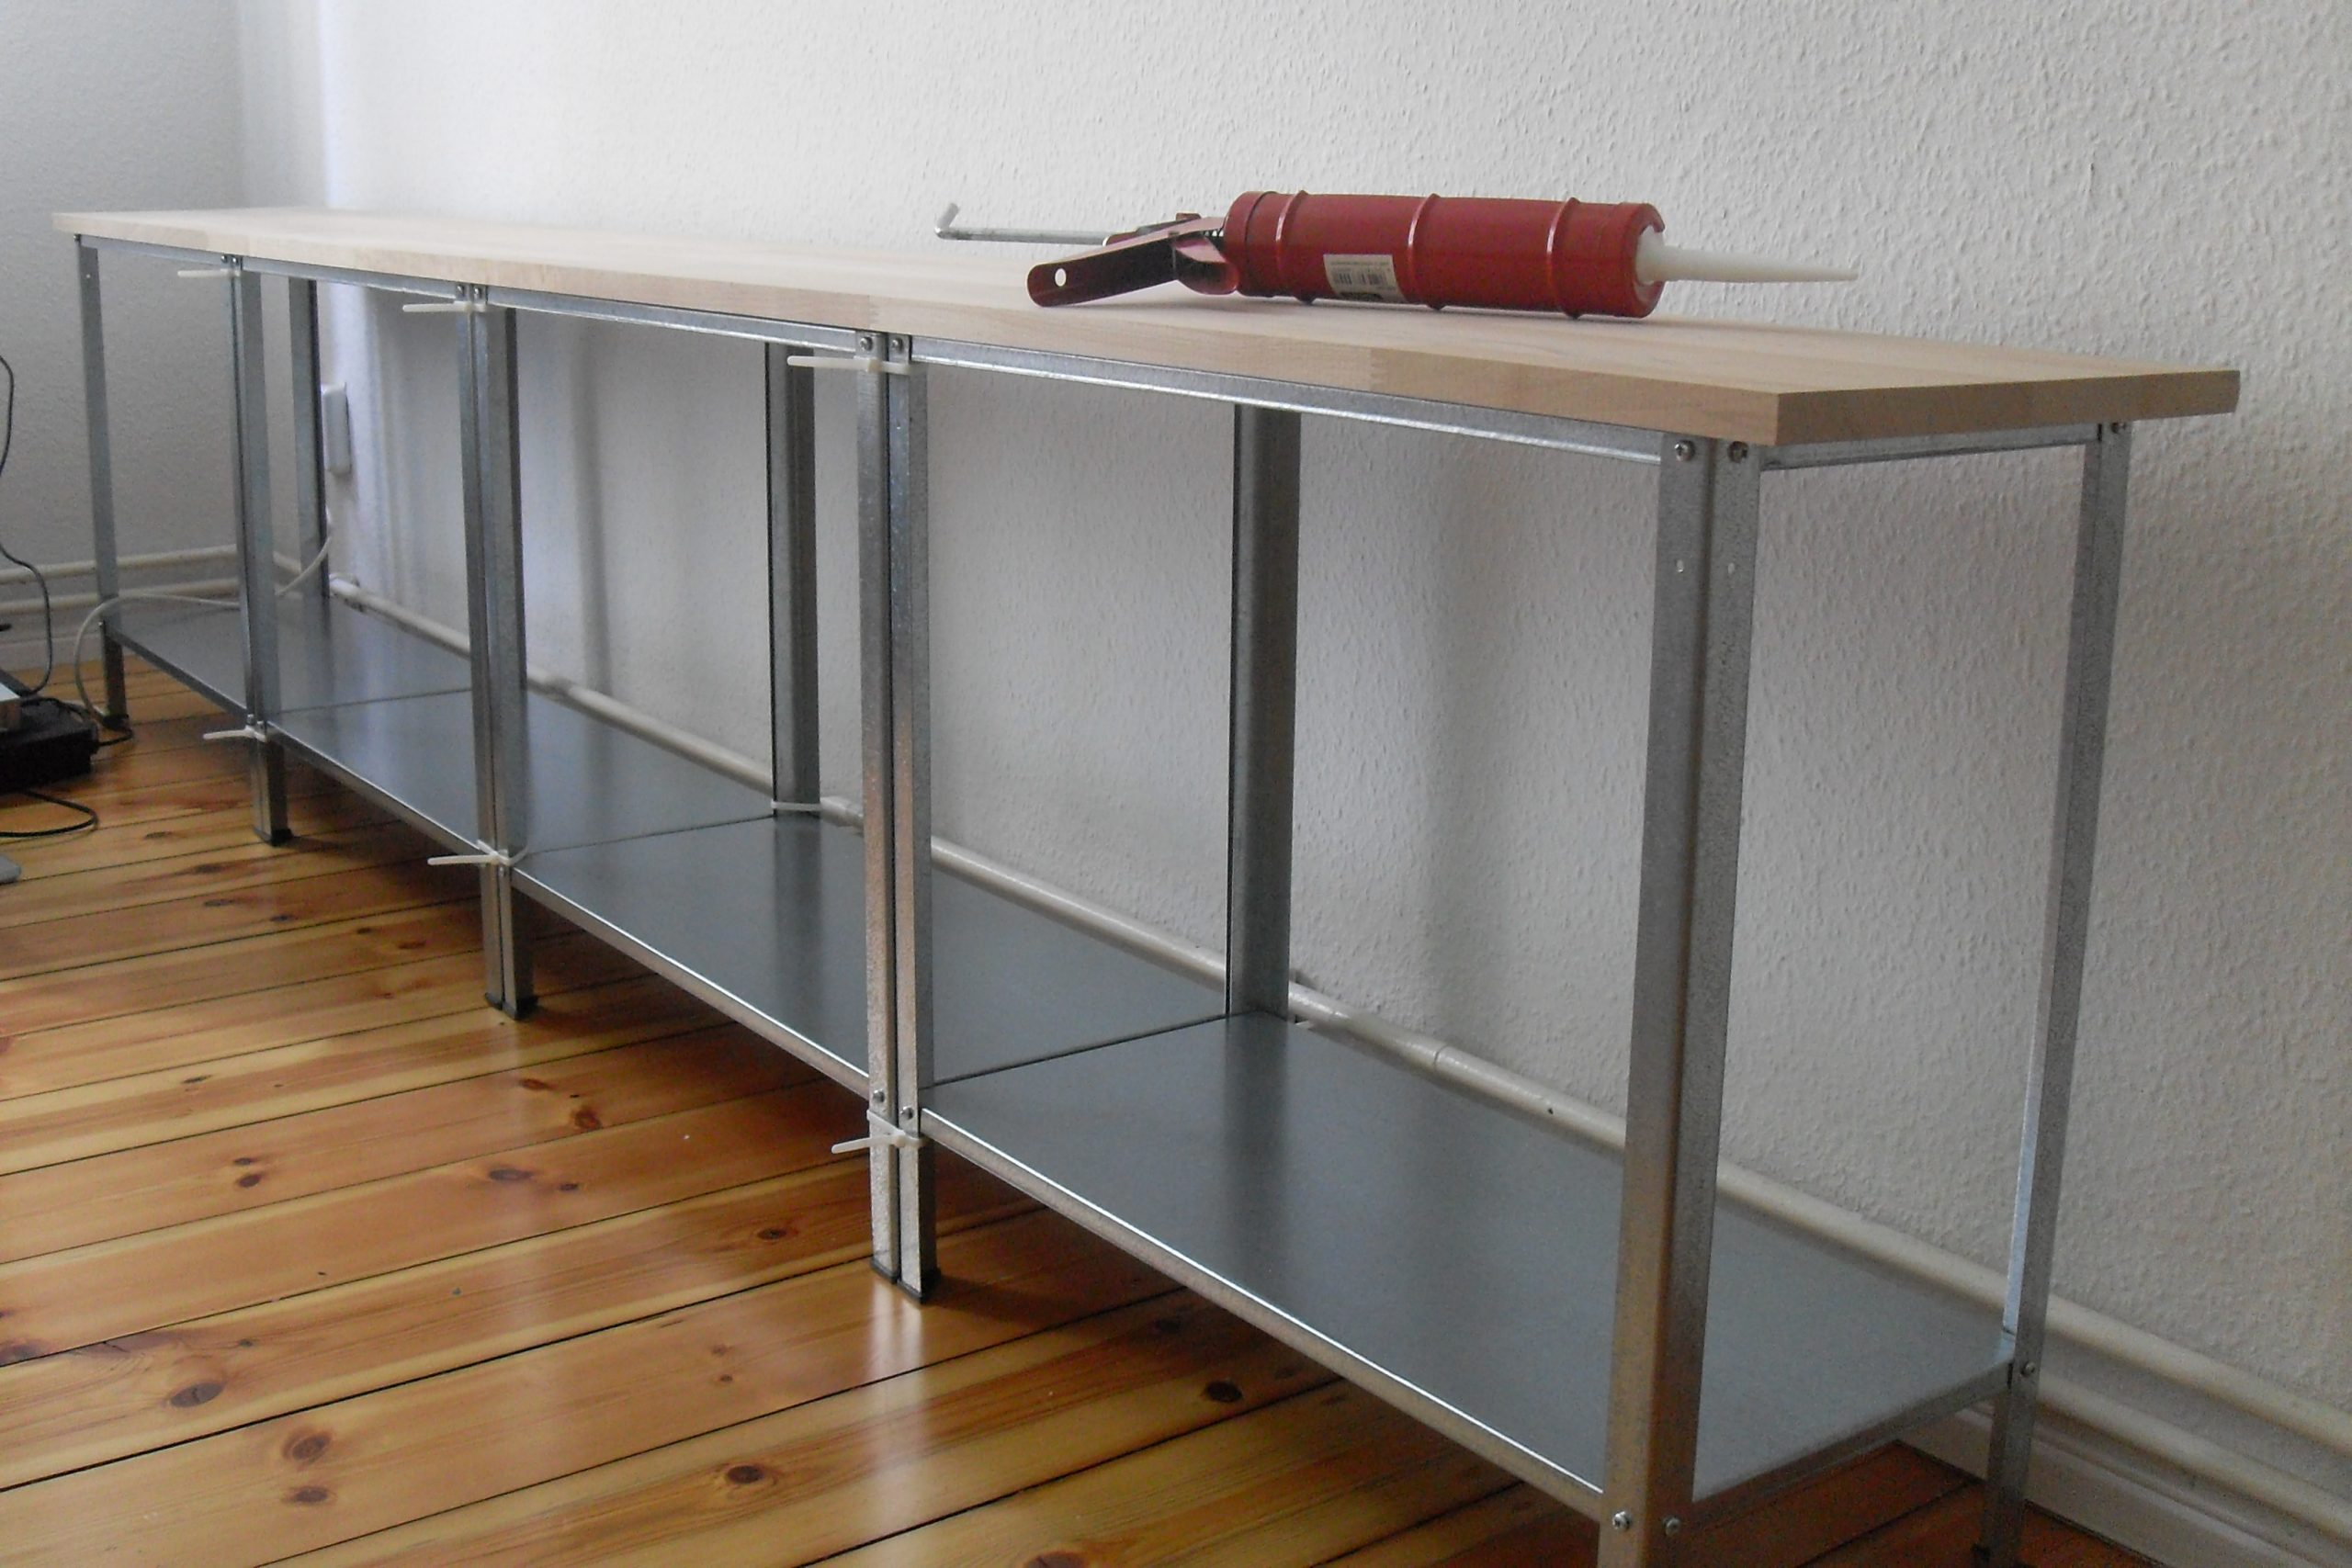 Full Size of Diy Sideboard Tv Regal Ikea Hack Hyllis Kleines Betten Bei 160x200 Sofa Mit Schlaffunktion Eckbank Garten Küche Kosten Miniküche Kaufen Modulküche Wohnzimmer Eckbank Ikea